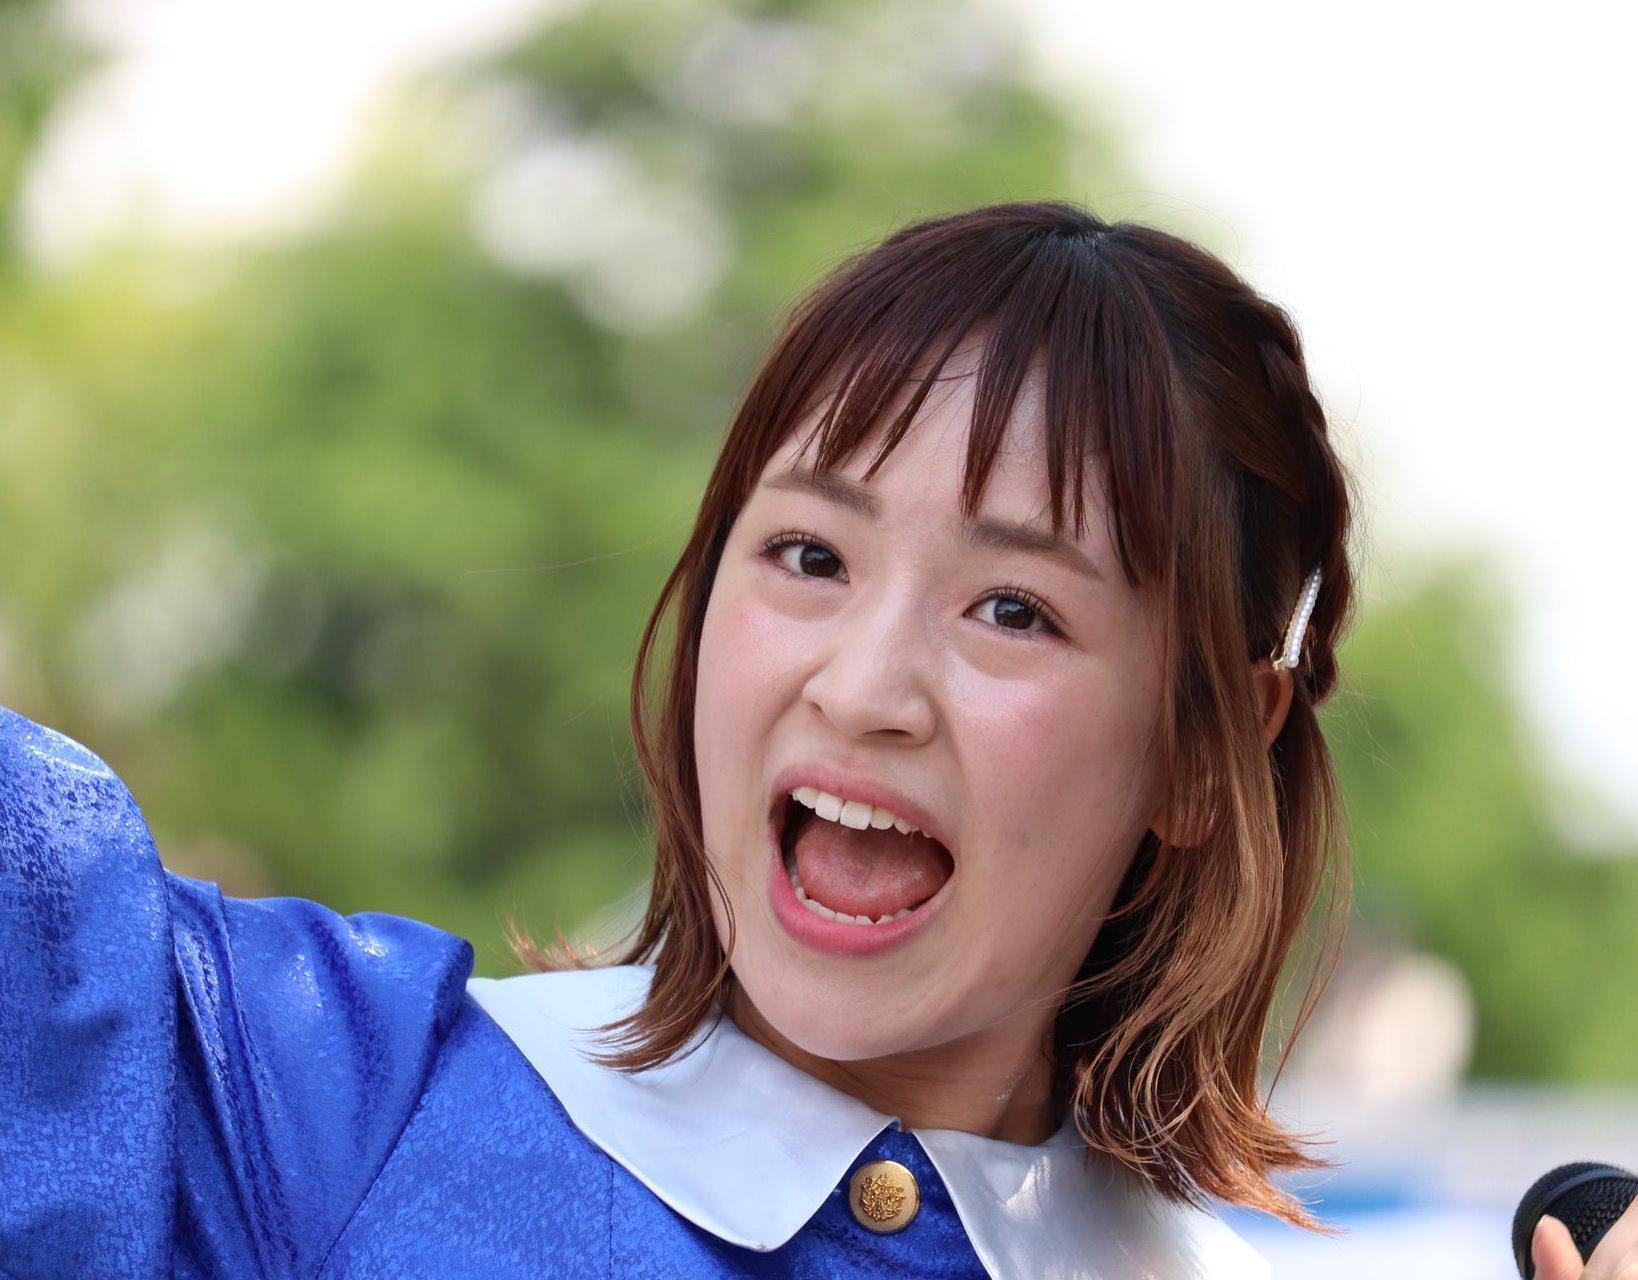 田崎礼奈の開口舌見せ (21)